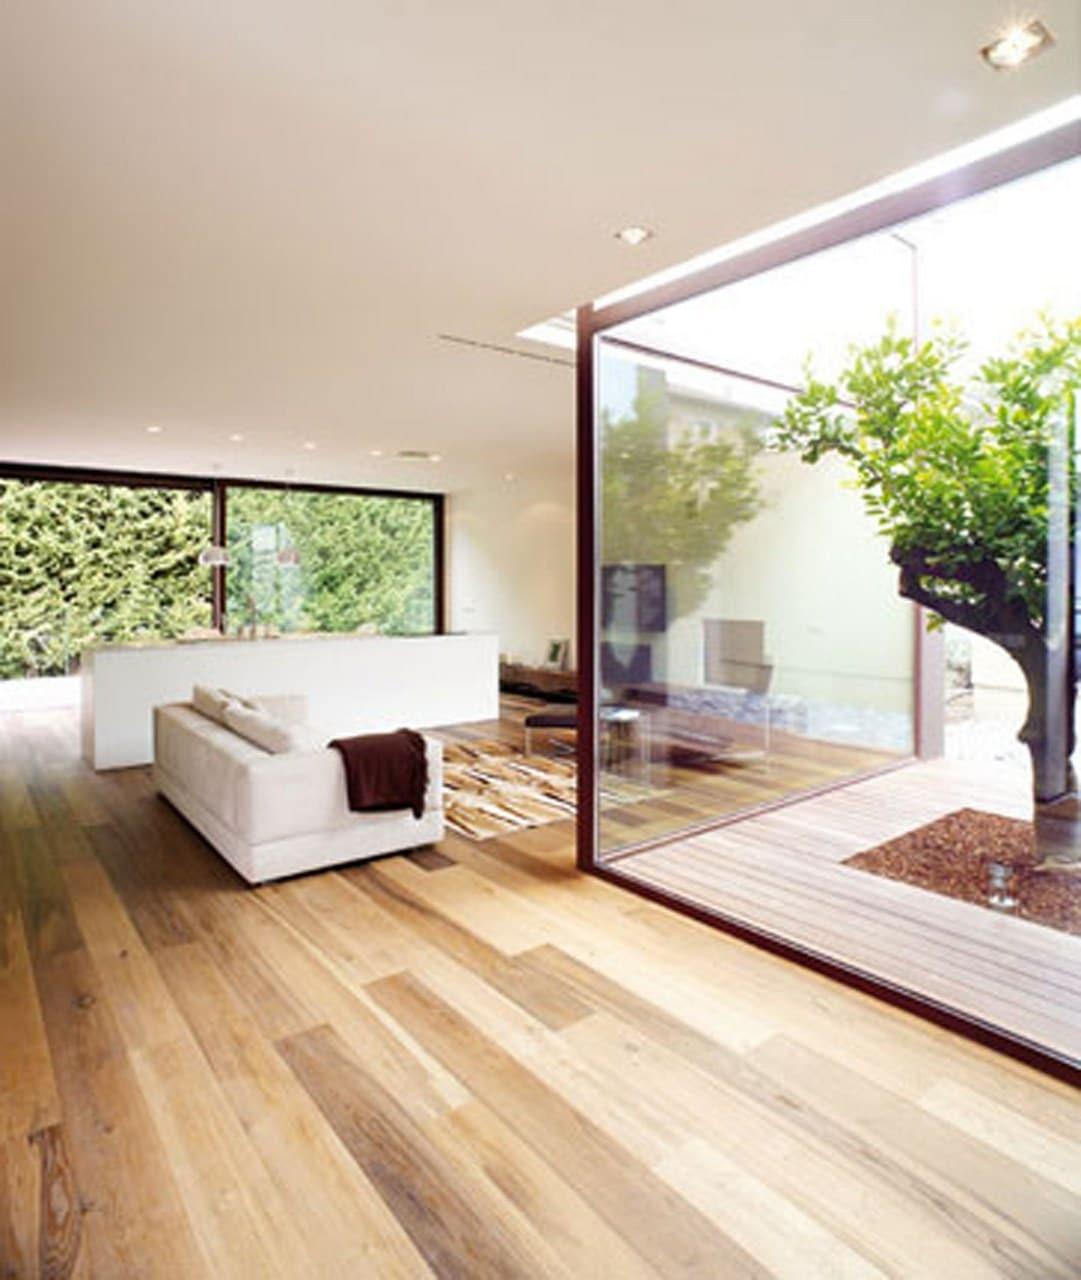 Planos de casa peque a de un piso con cerco perim trico - Jardines interiores en casas modernas ...